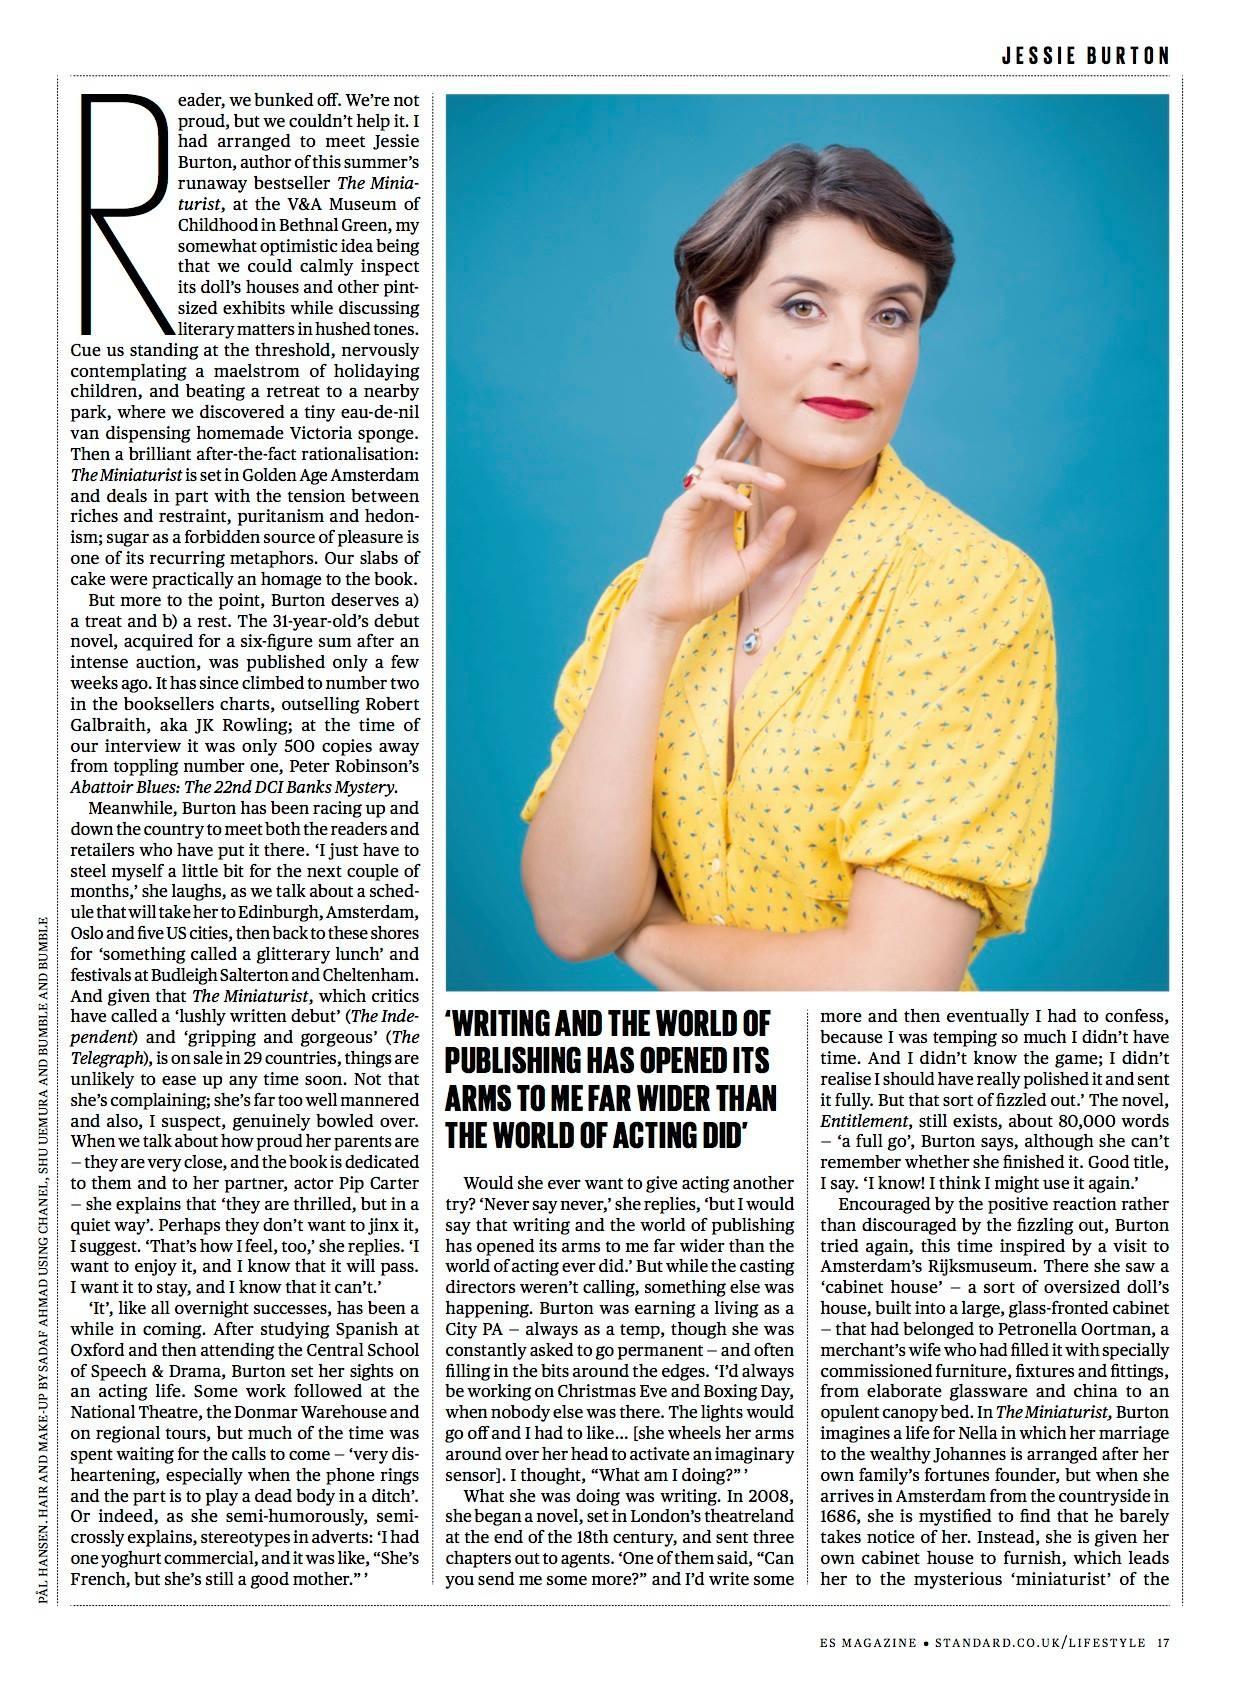 ES Mag - Jessie Burton single pg feature.JPG